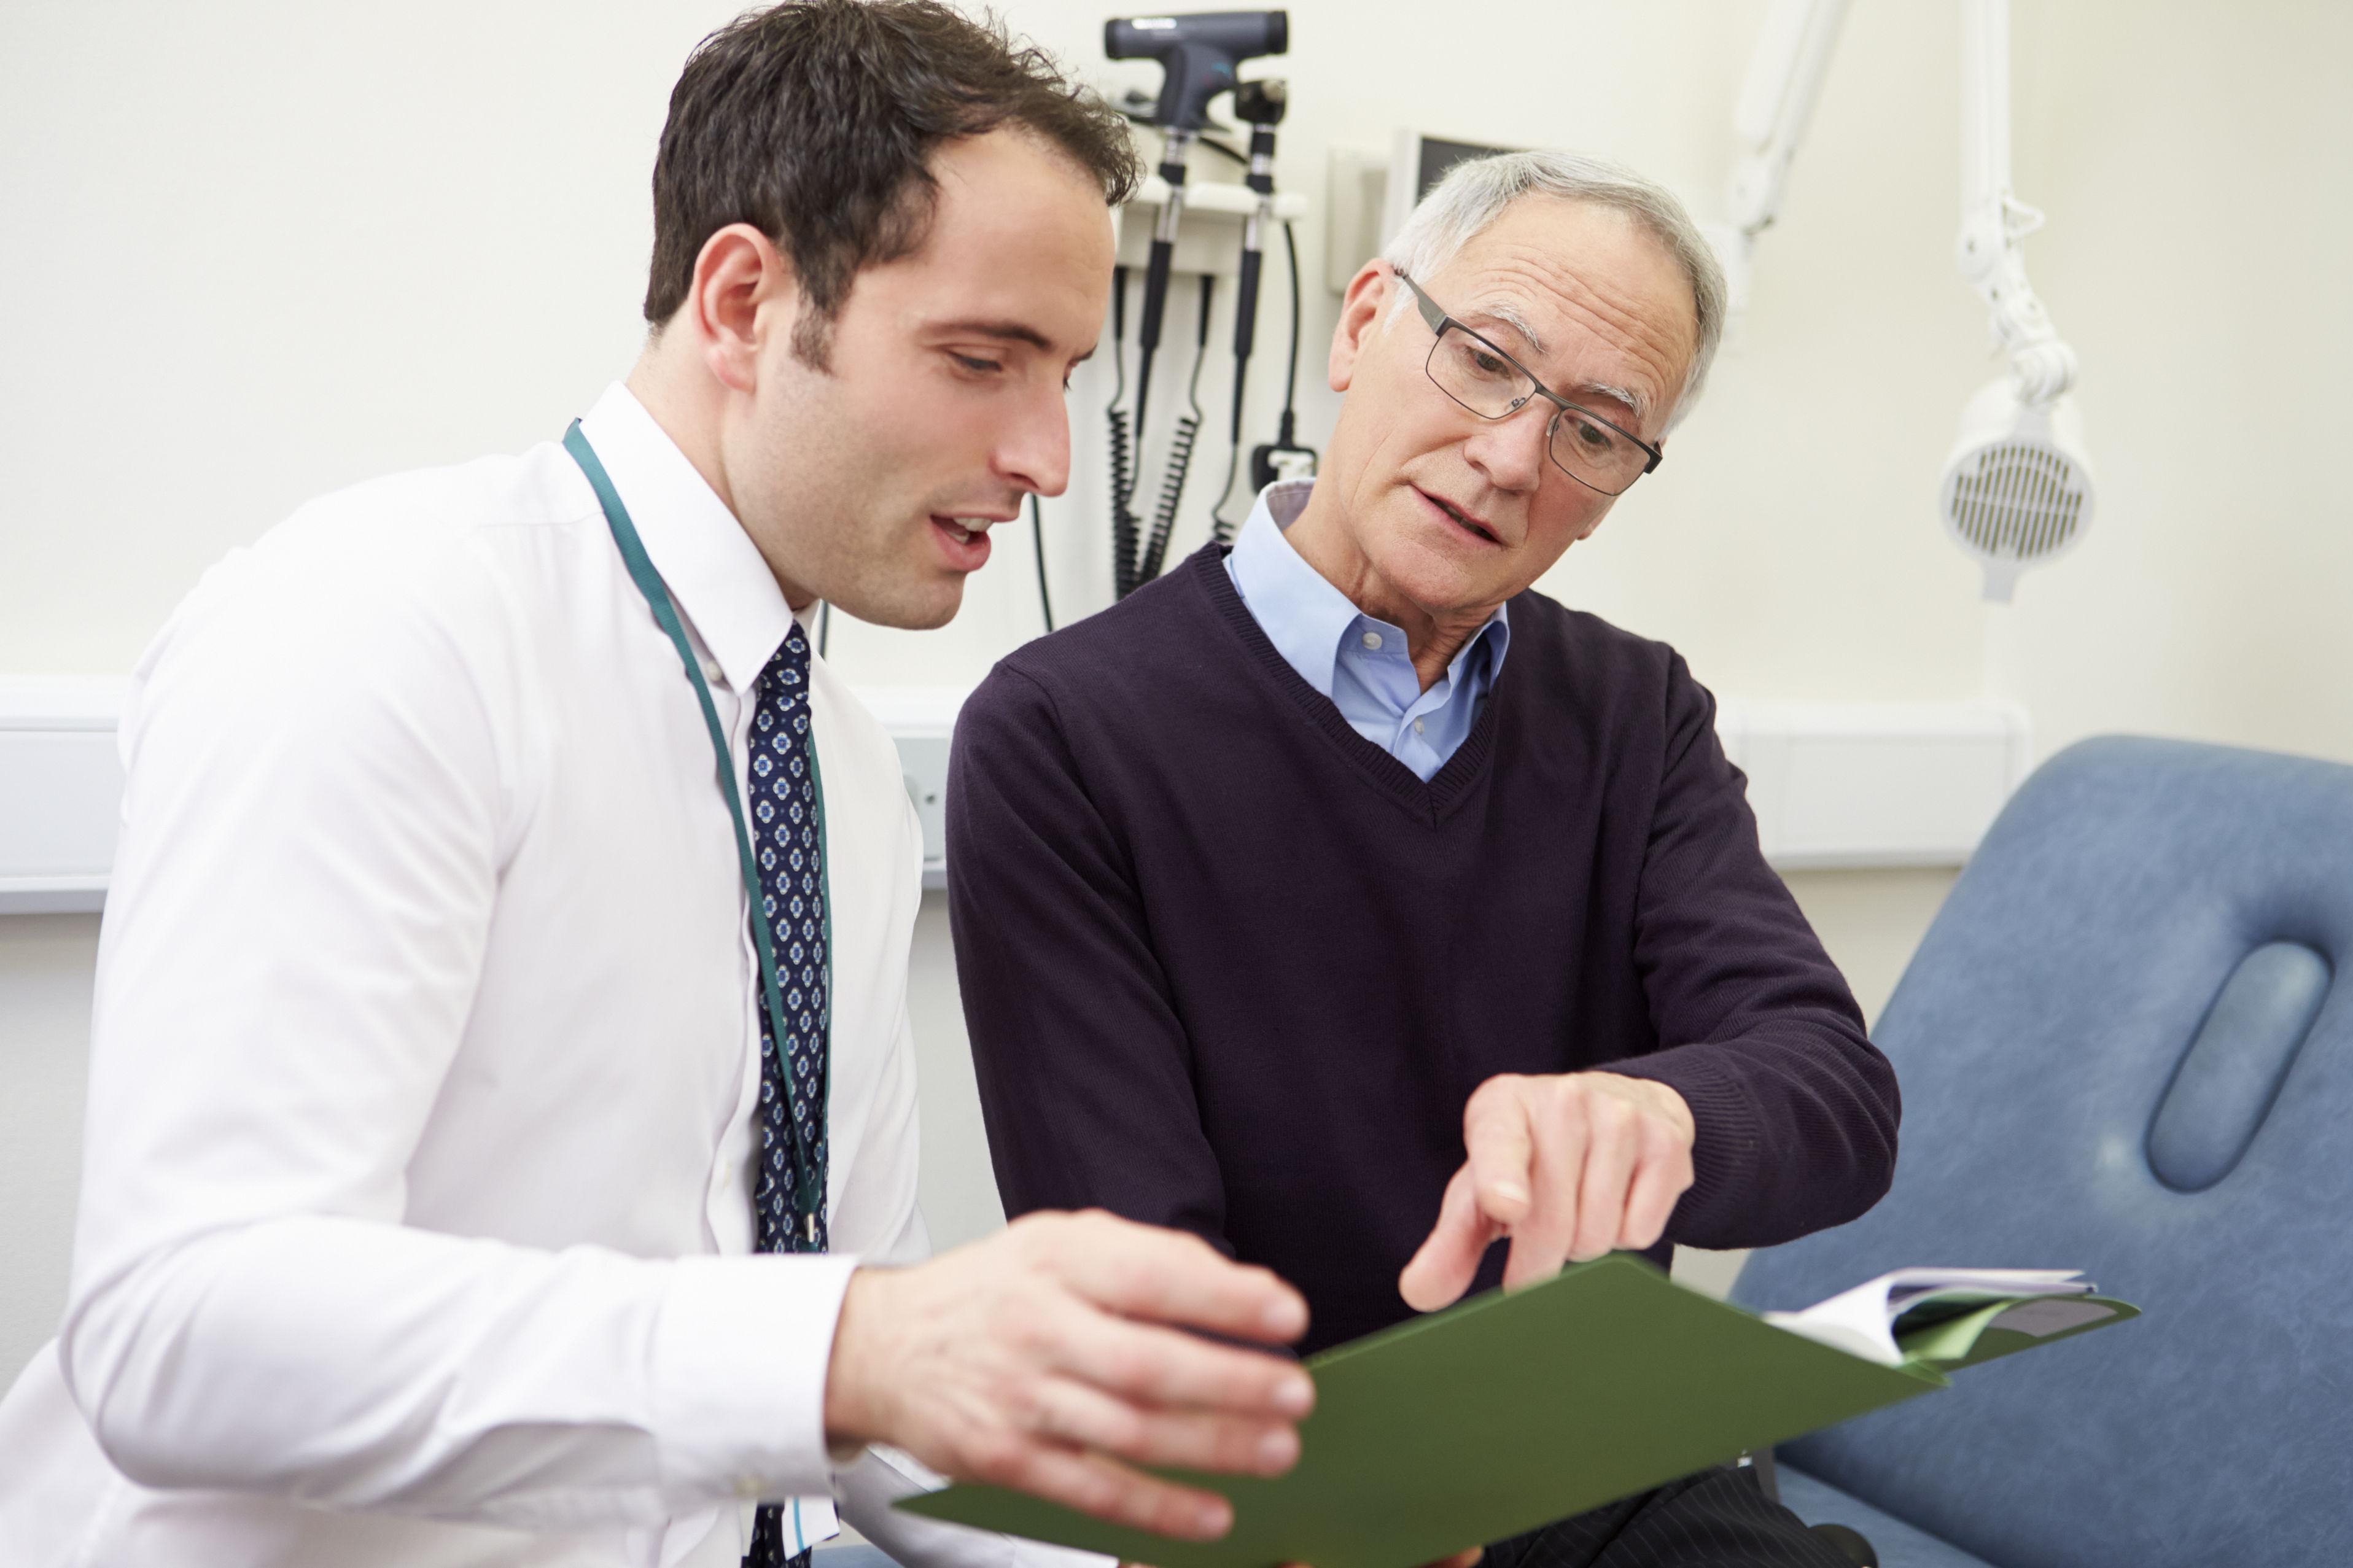 Diskussion über Testergebnisse mit Patienten - Klinische Forschung Novartis